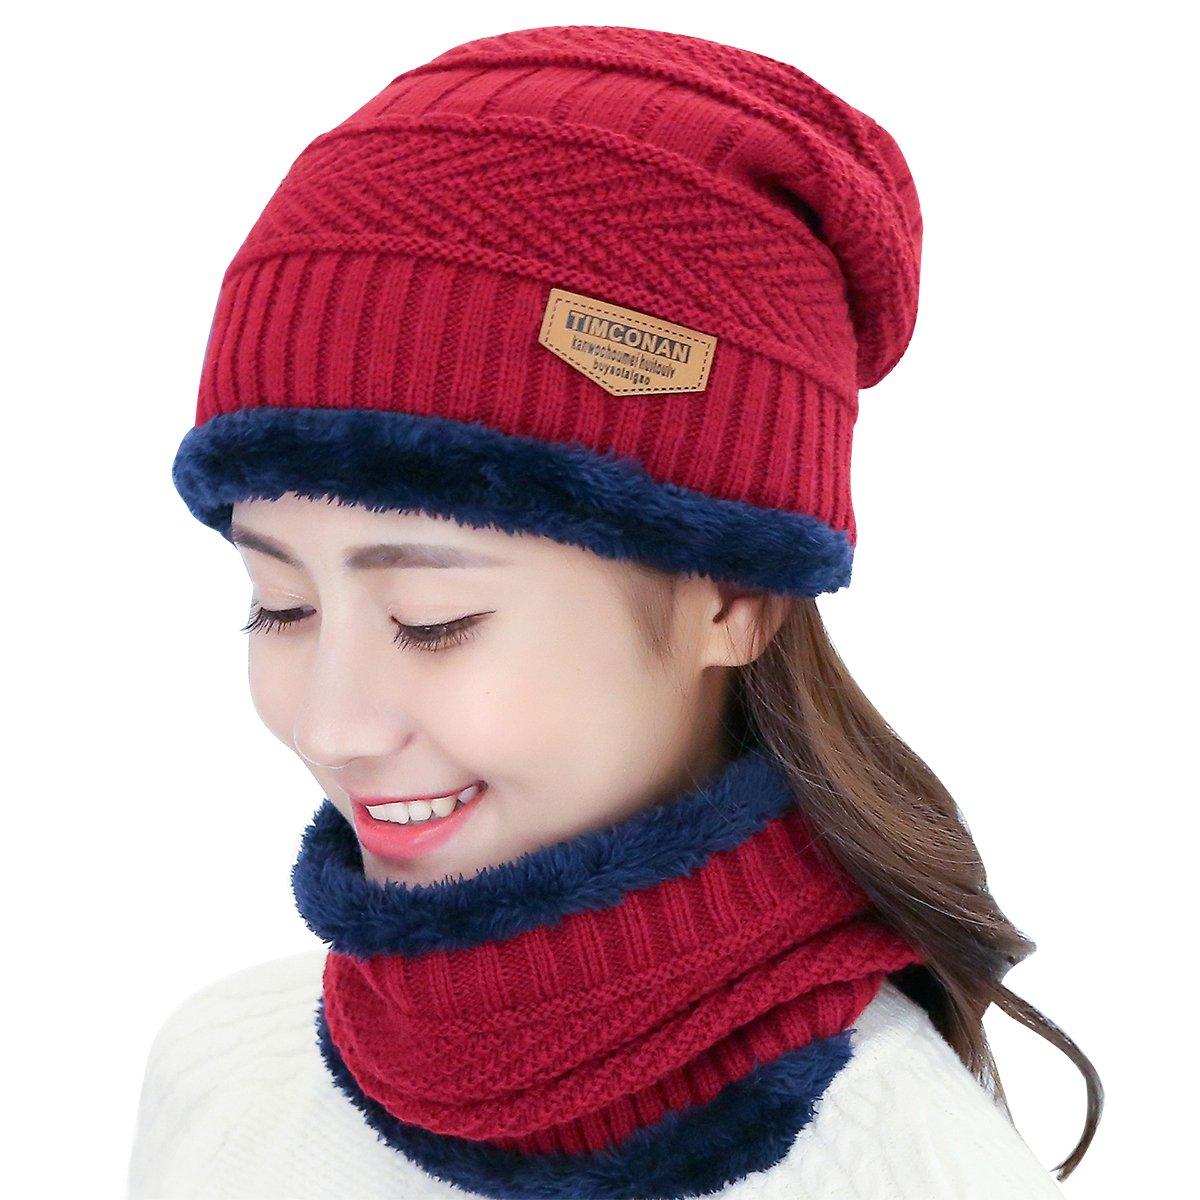 RUNFON Conjunto de Sombrero y Bufanda, Hombre y Mujer Sombrero Caliente de Punto y Bufanda de Forro de Lana, 2 Piezas Sombrero de invierno M1639276DDQQ141